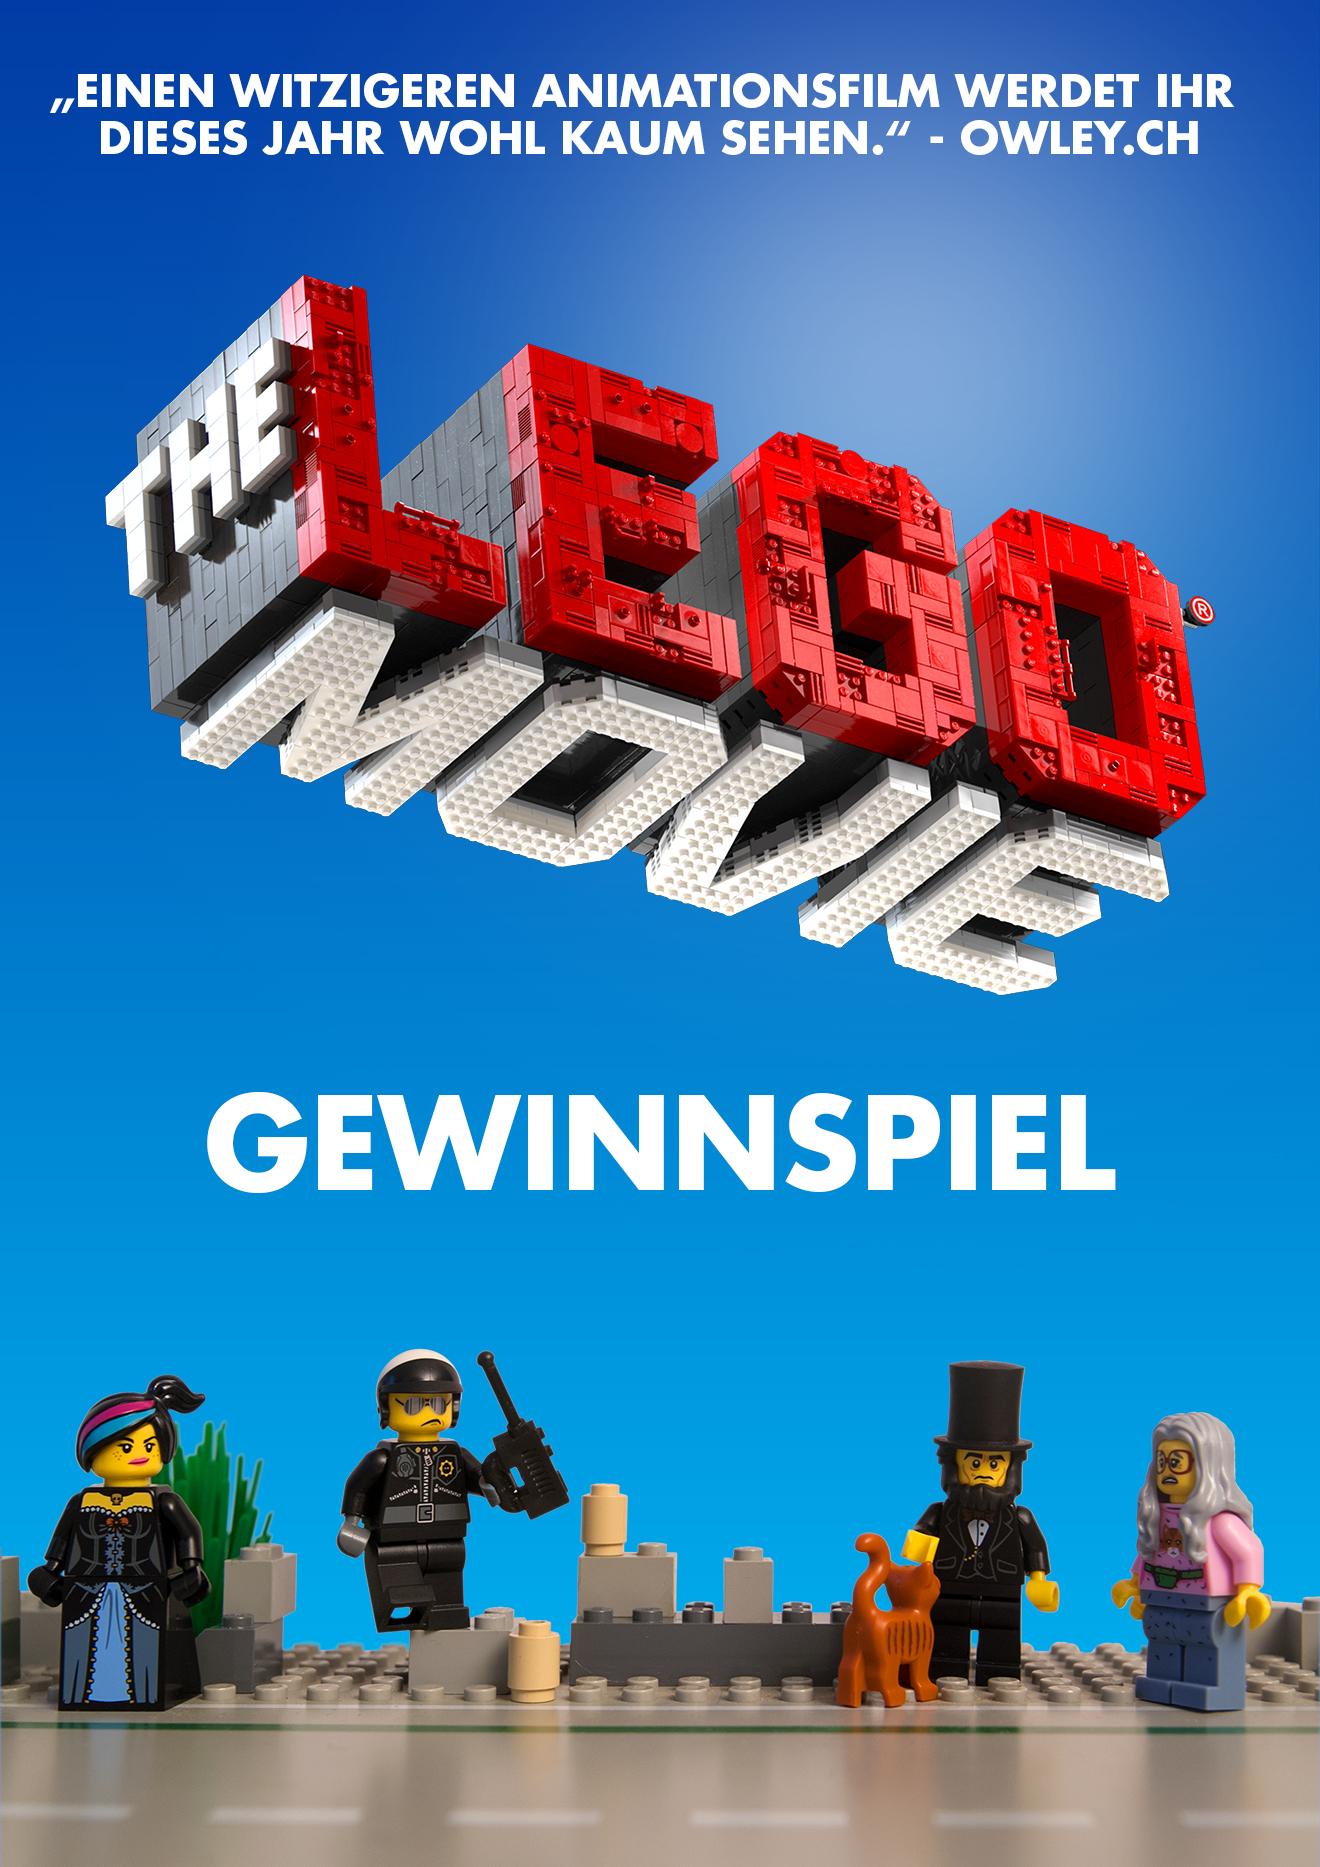 LEGOMOVIEWettbewerb